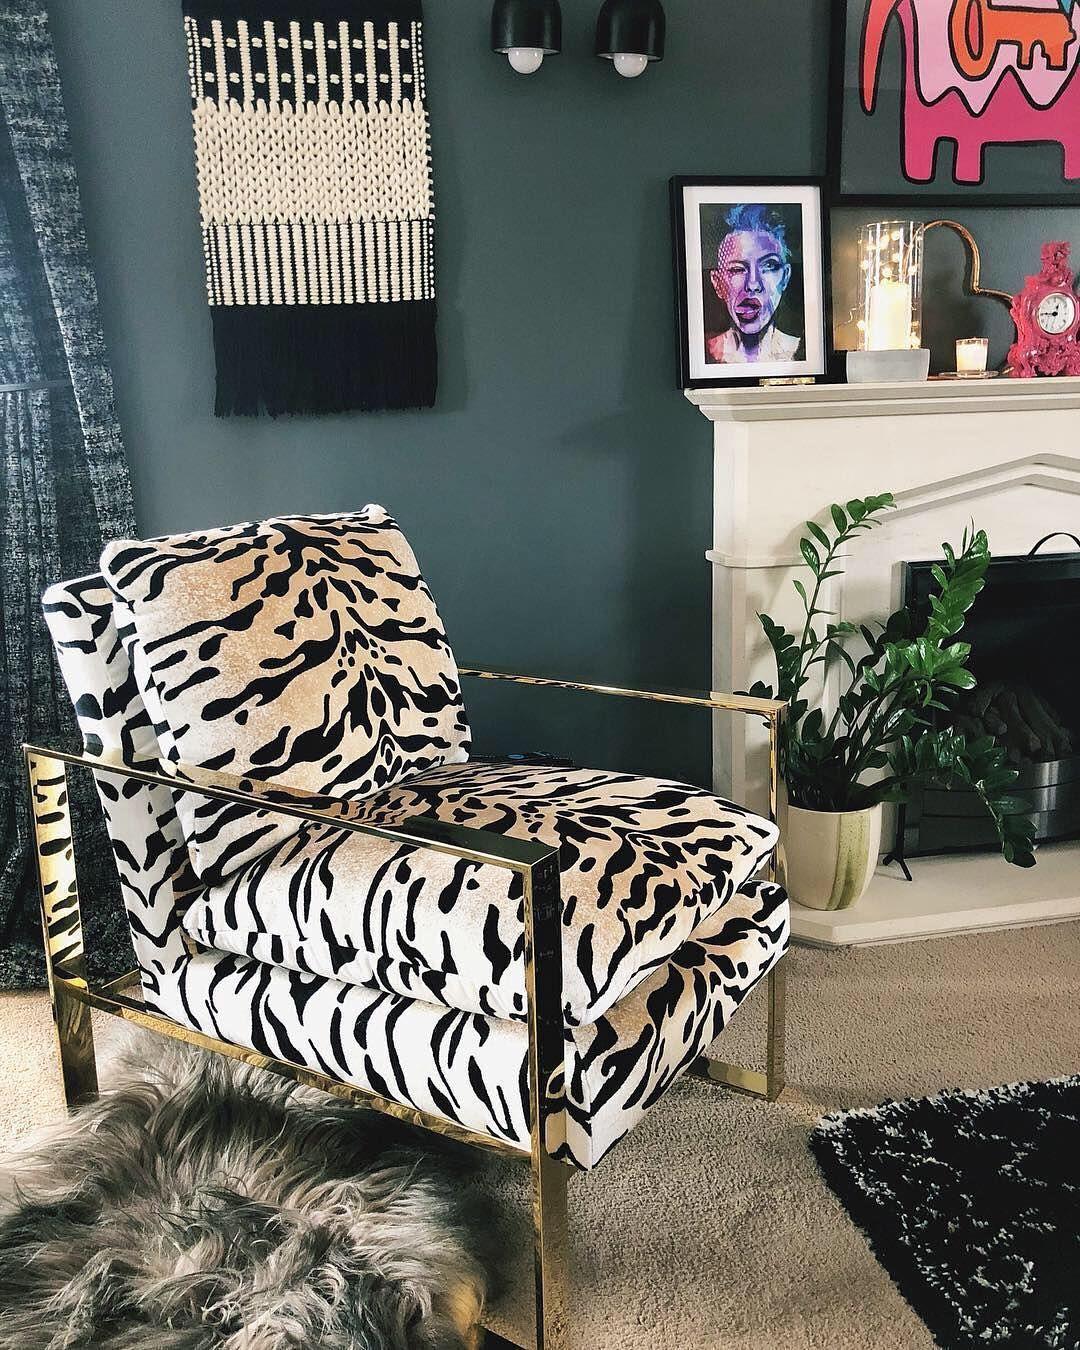 f8b2869566  treasureseeker.  statementfurniture  accentfurniture  zebraprint  humpday   interior123  likeitstyleit  decor  modernhome